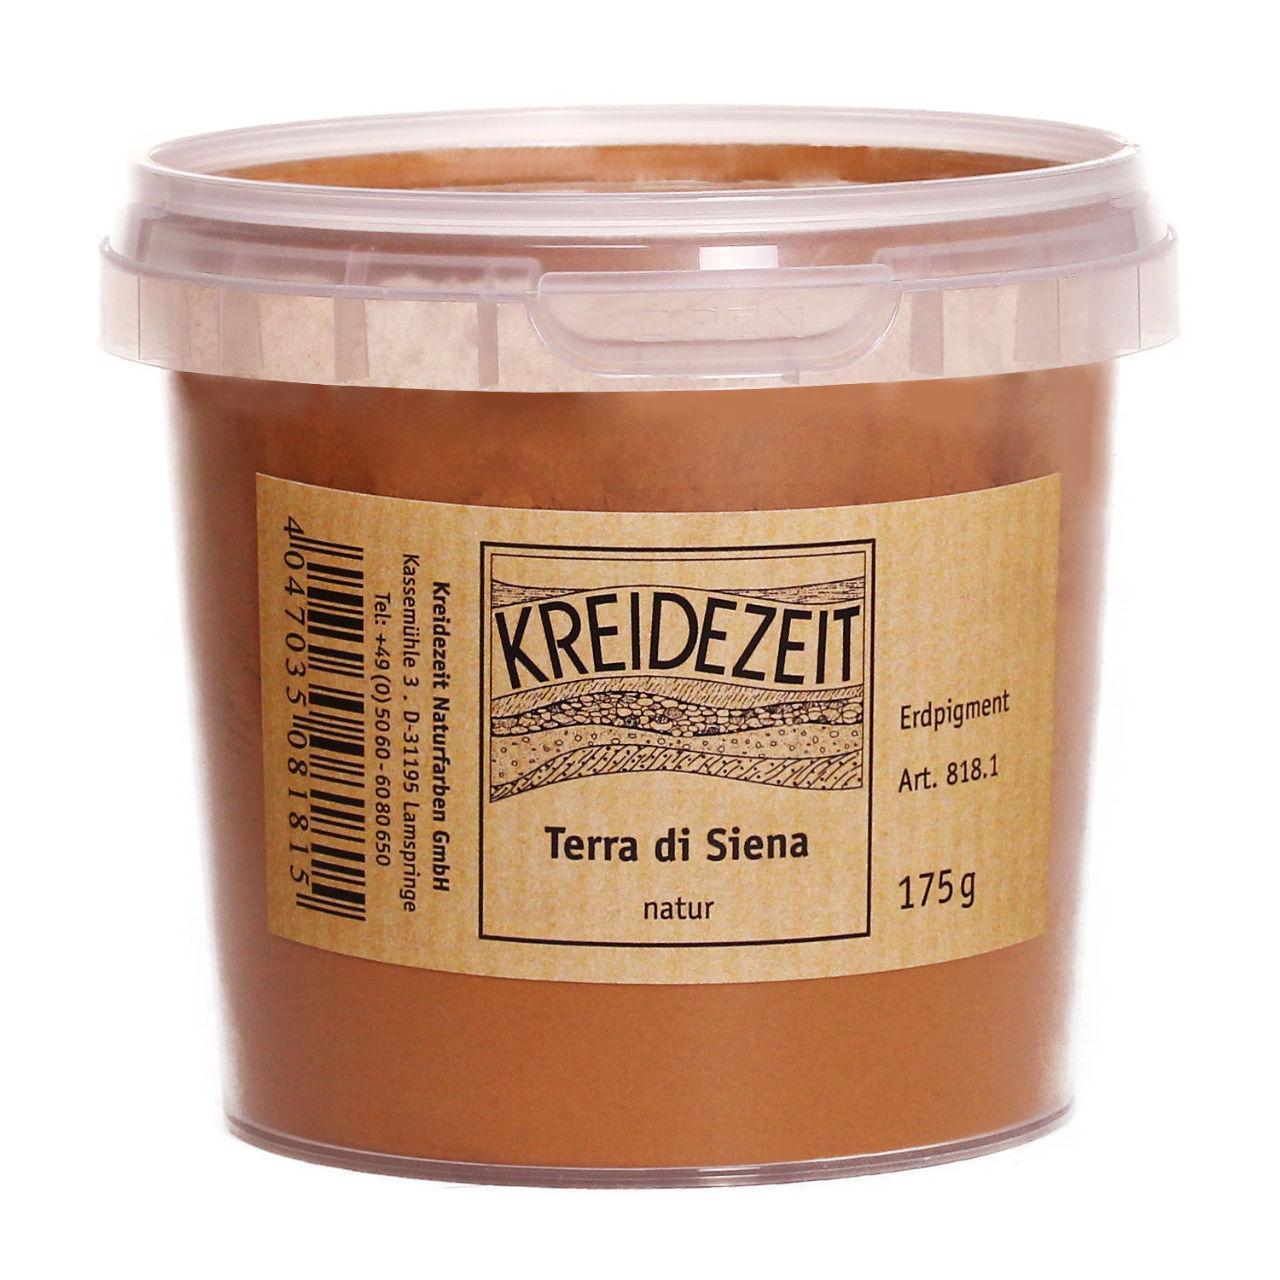 Натуральный пигмент, Желто-коричневый, Terra di Siena, Pigmente, Kreidezeit